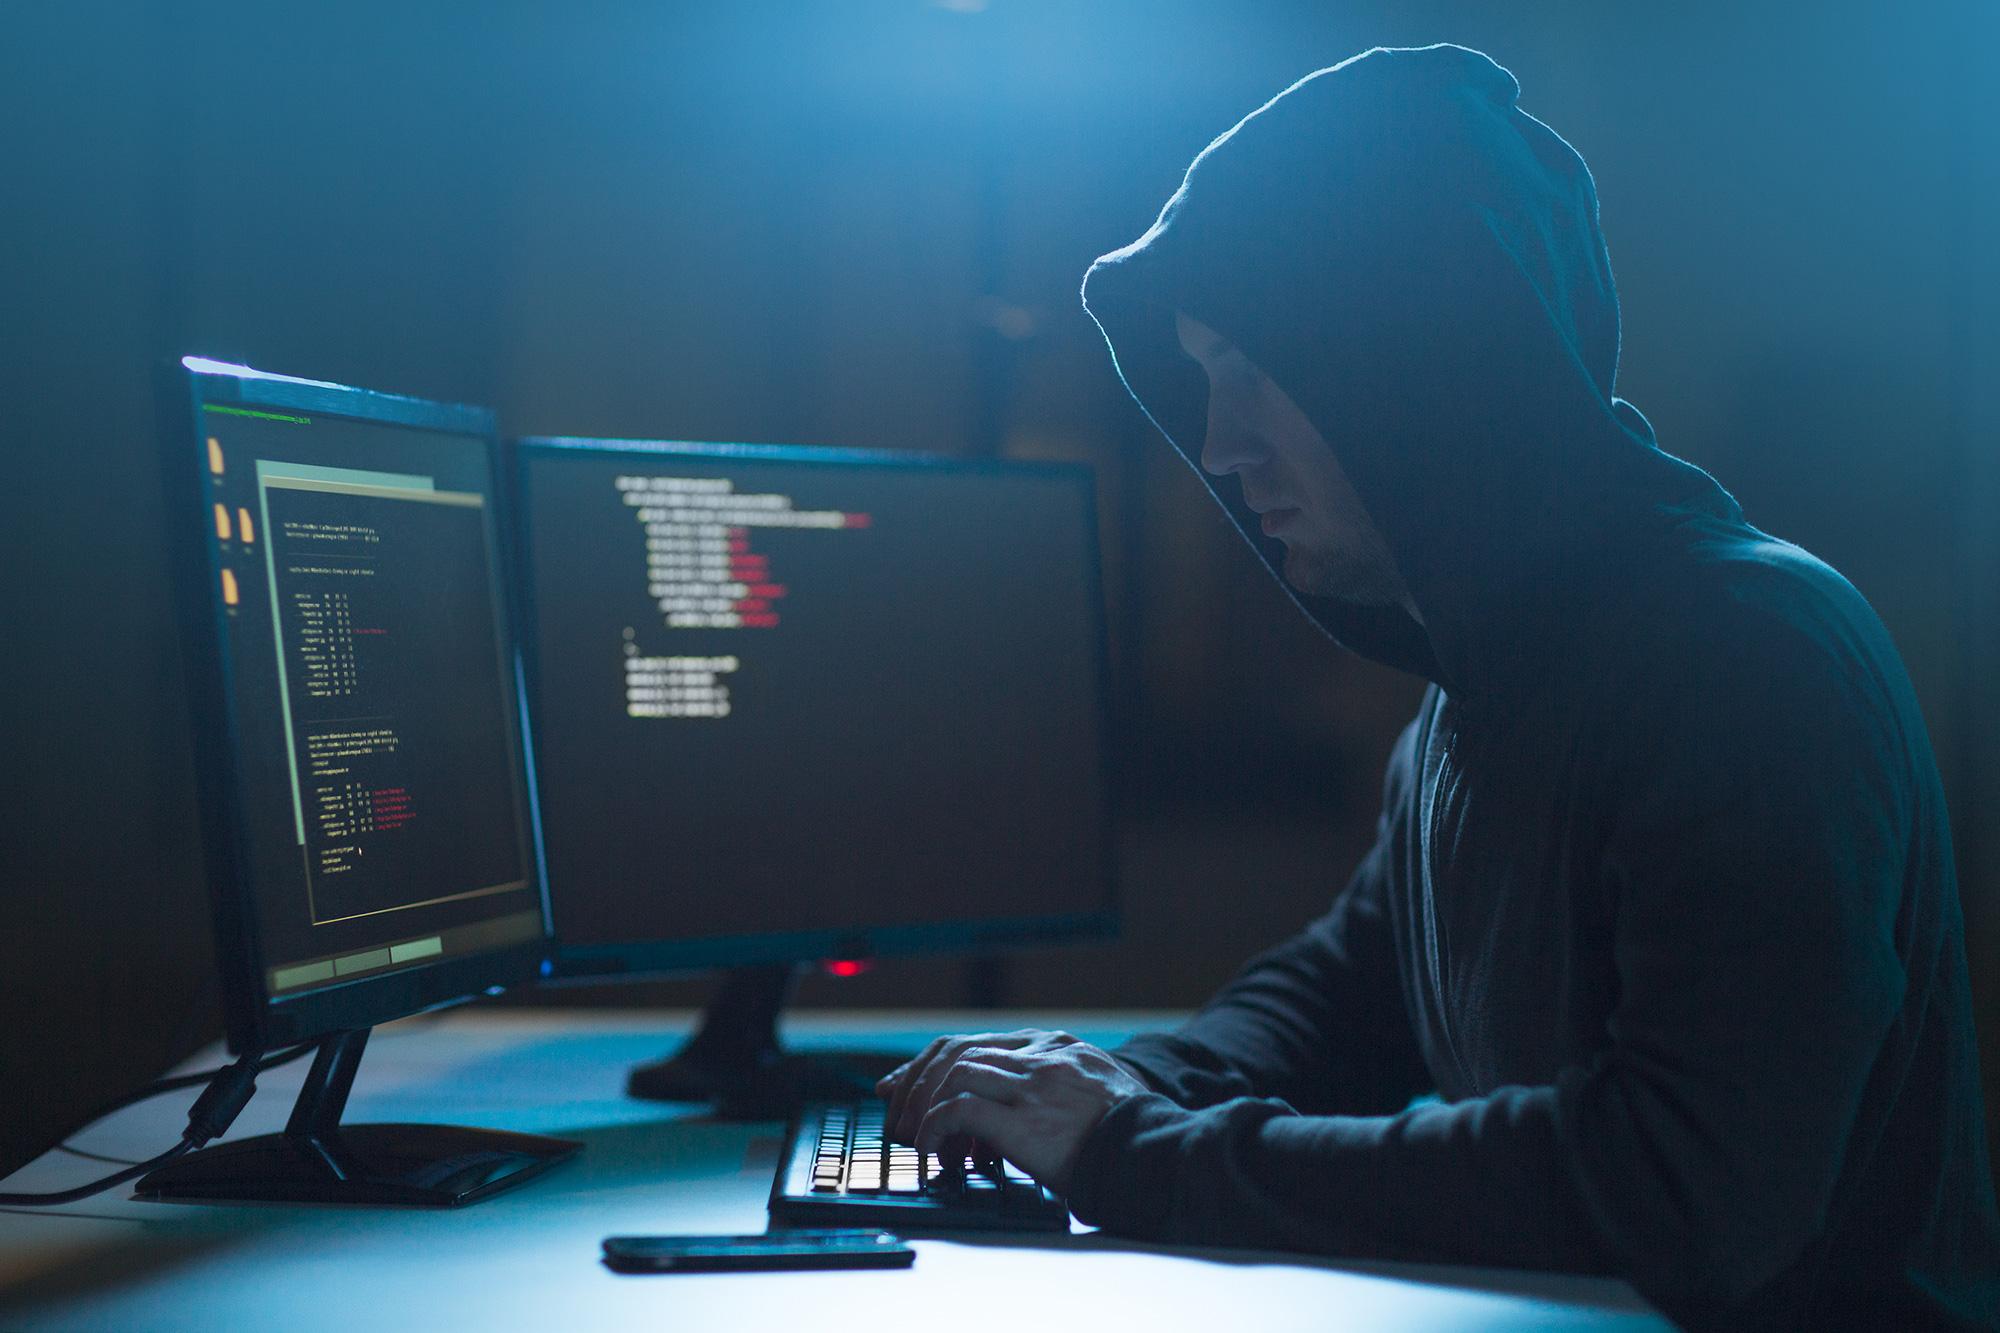 Qué es un ciberataque y para qué sirve | TicNegocios.es